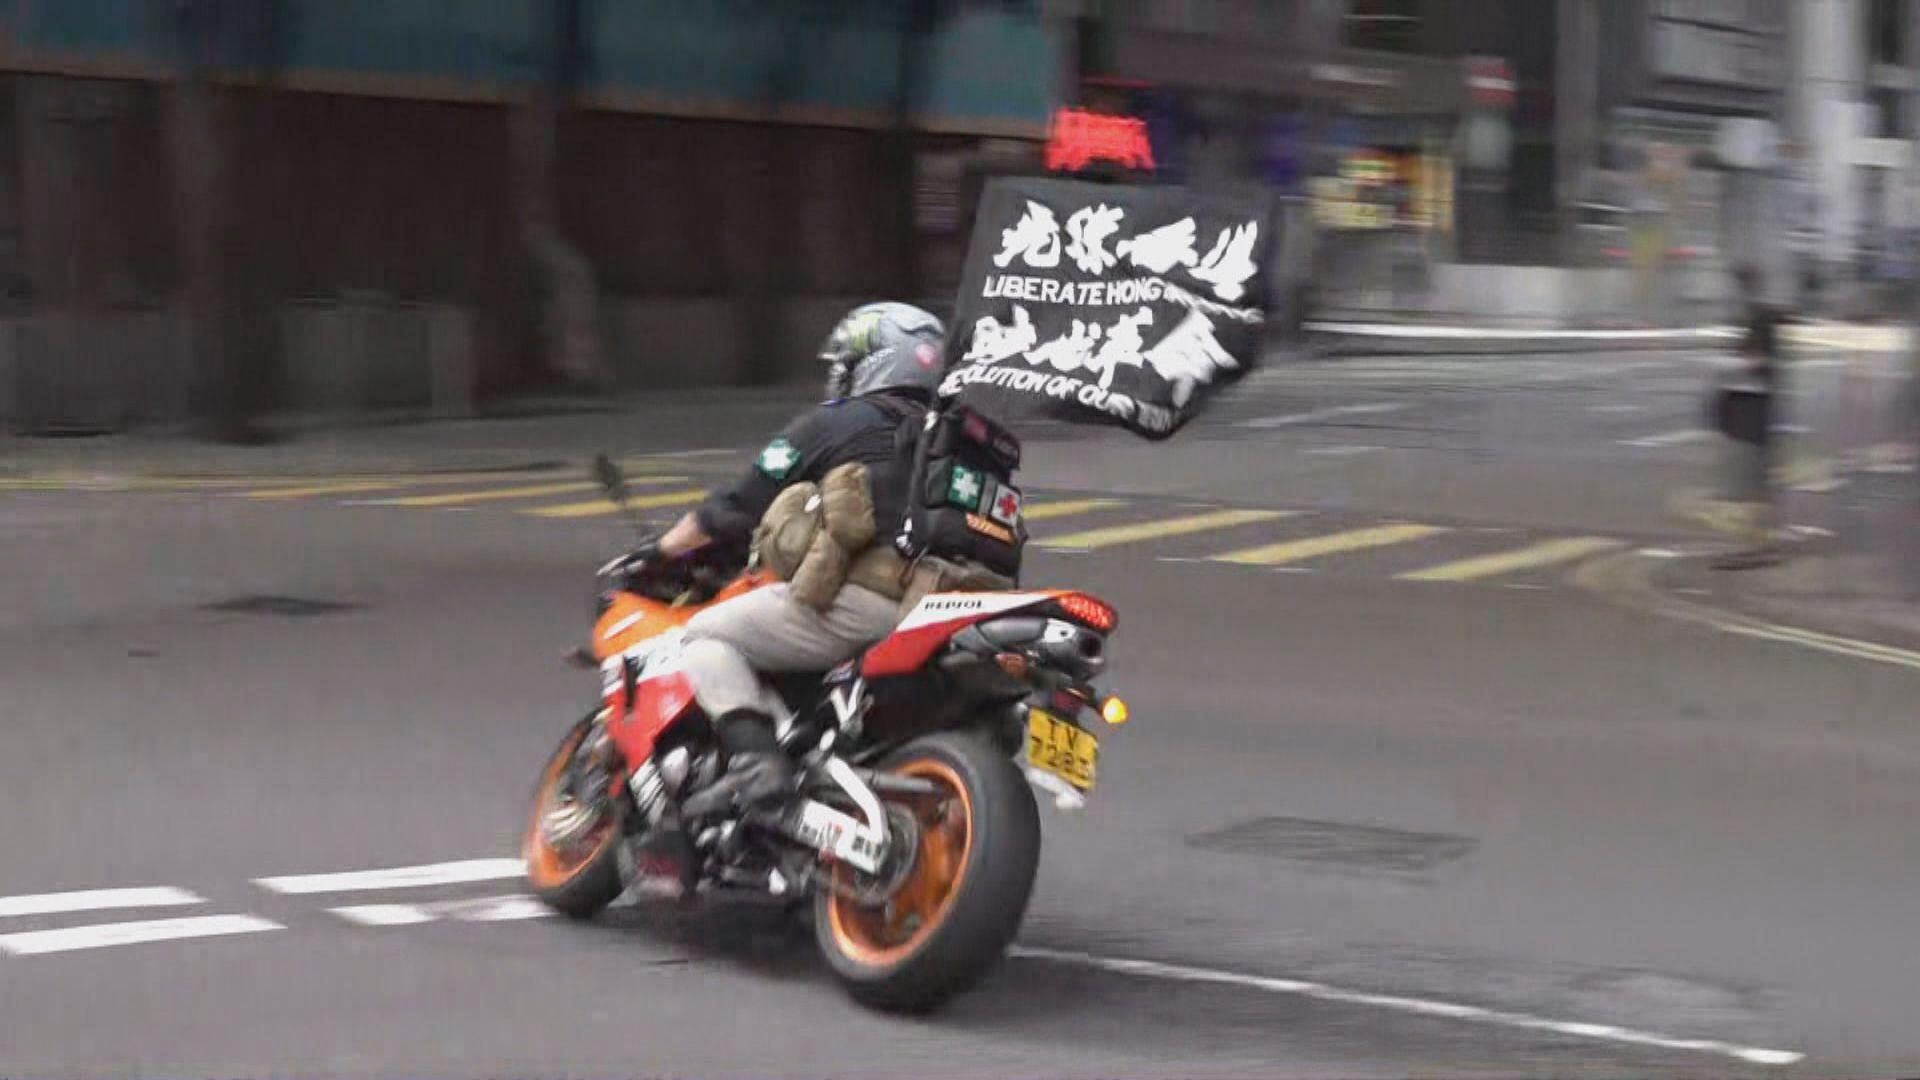 男子駕電單車插「光復」旗案件 三個月後再提堂